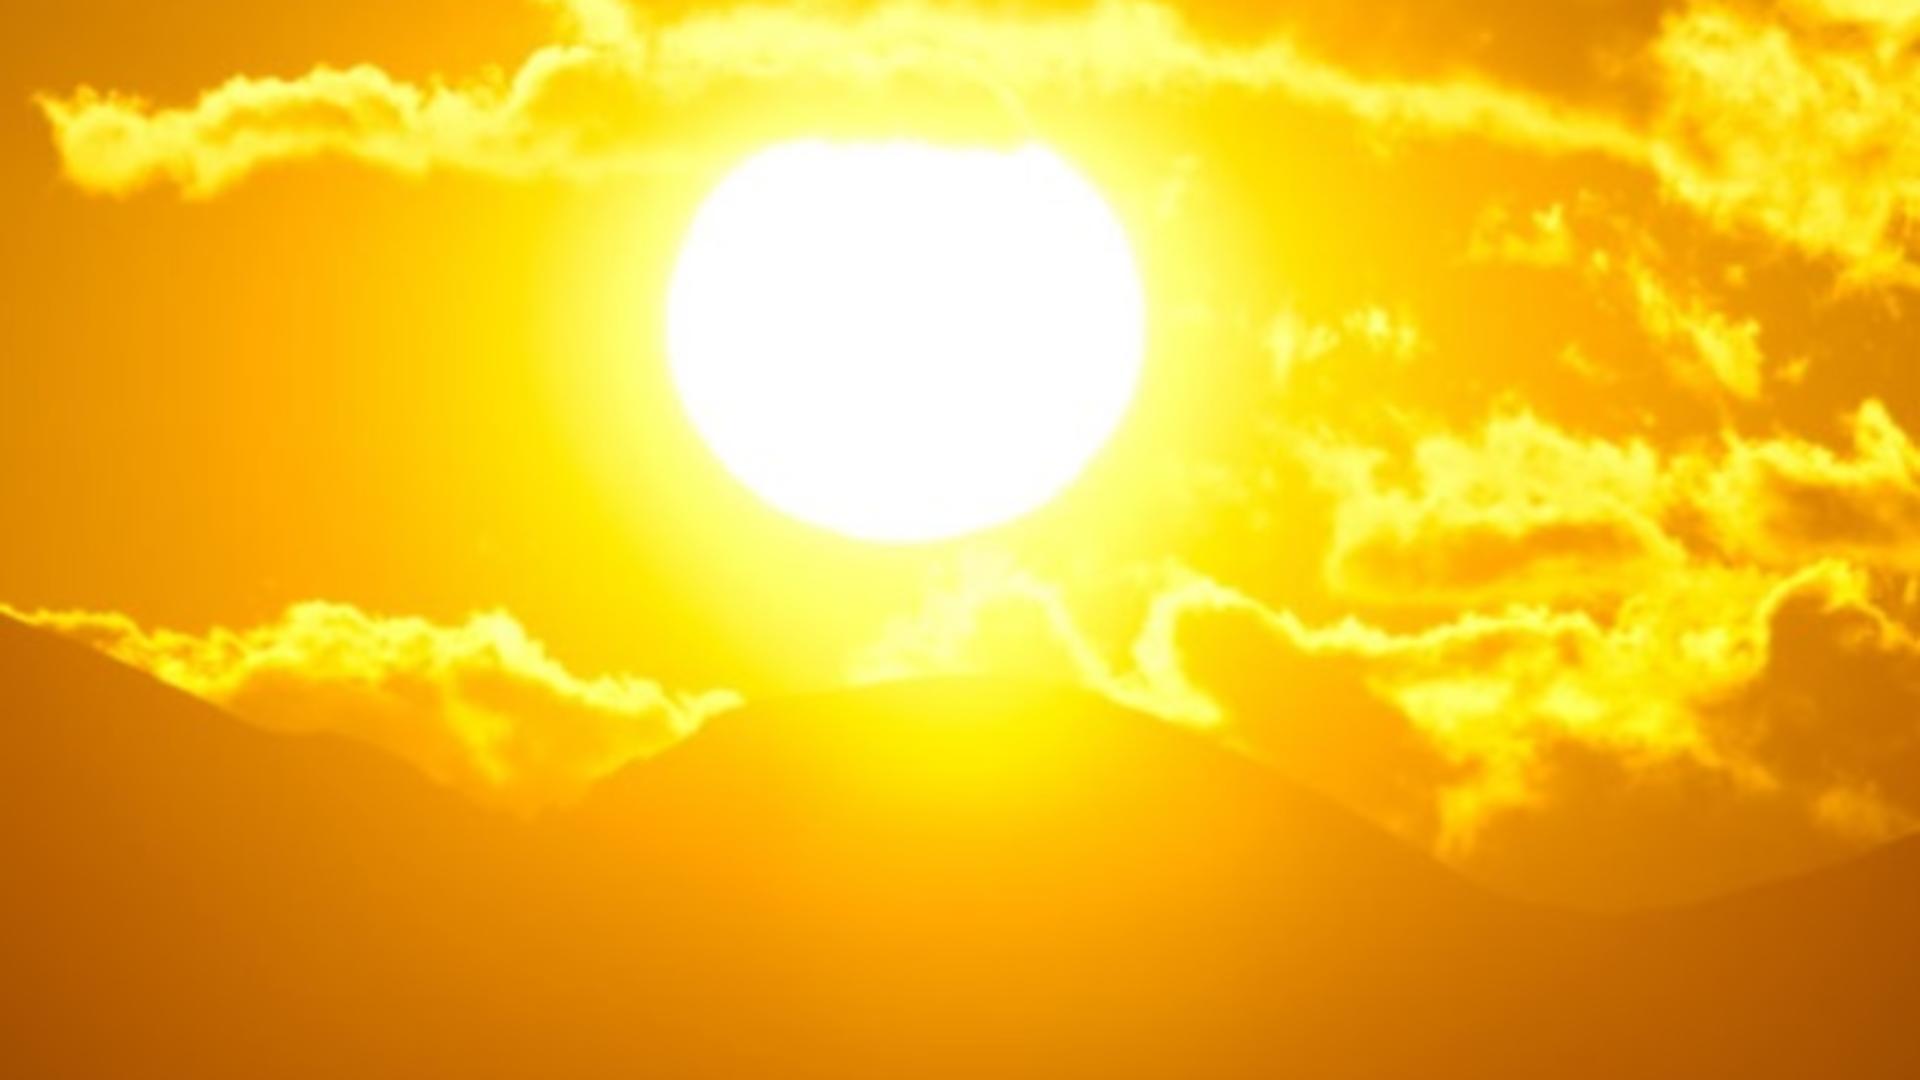 Cea mai ridicată temperatură de pe glob din acest an a fost înregistrată în Emiratele Arabe Unite